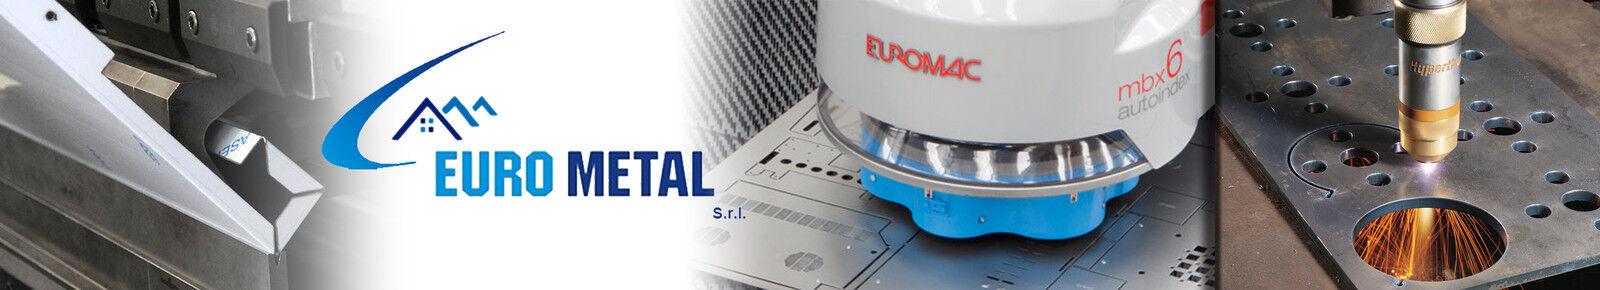 Eurometal-srl